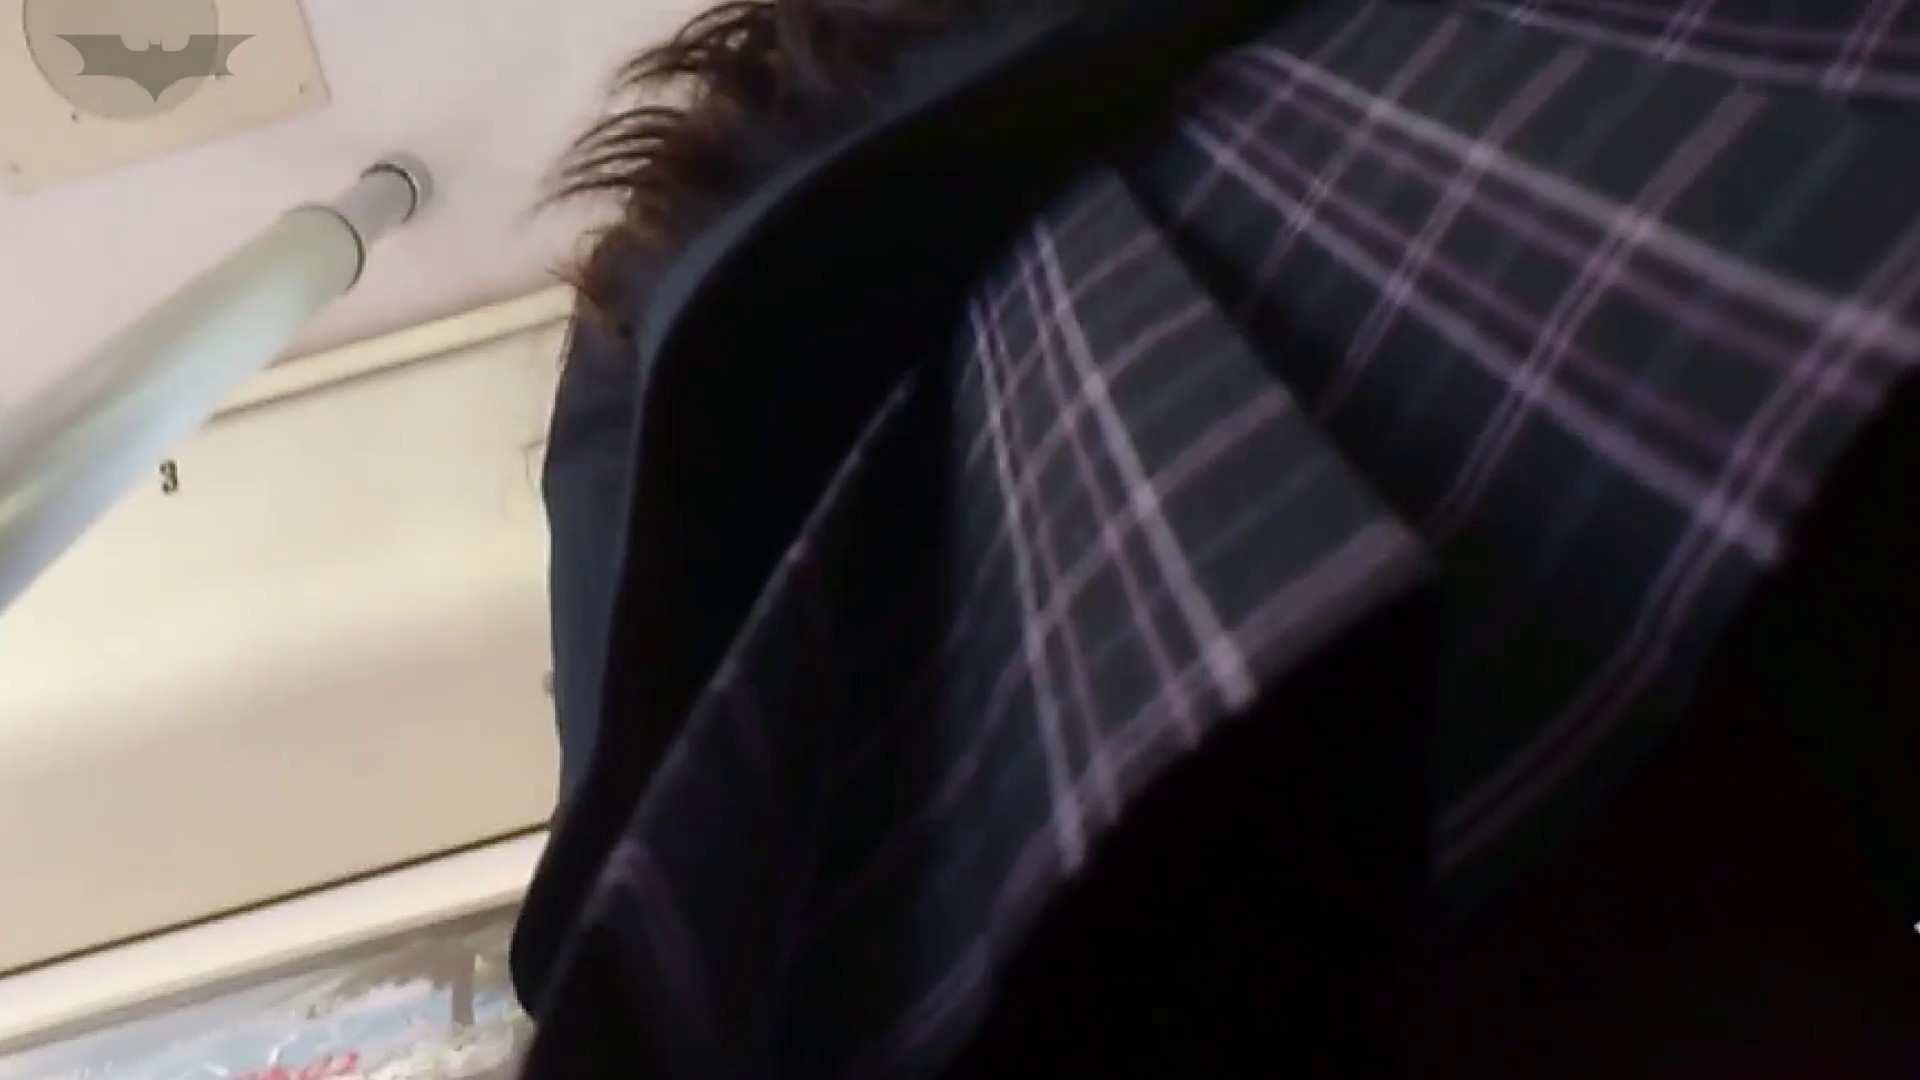 盗撮列車 Vol.14 お嬢様のバックプリントパンツ パンツ | 盗撮エロすぎ  99連発 36